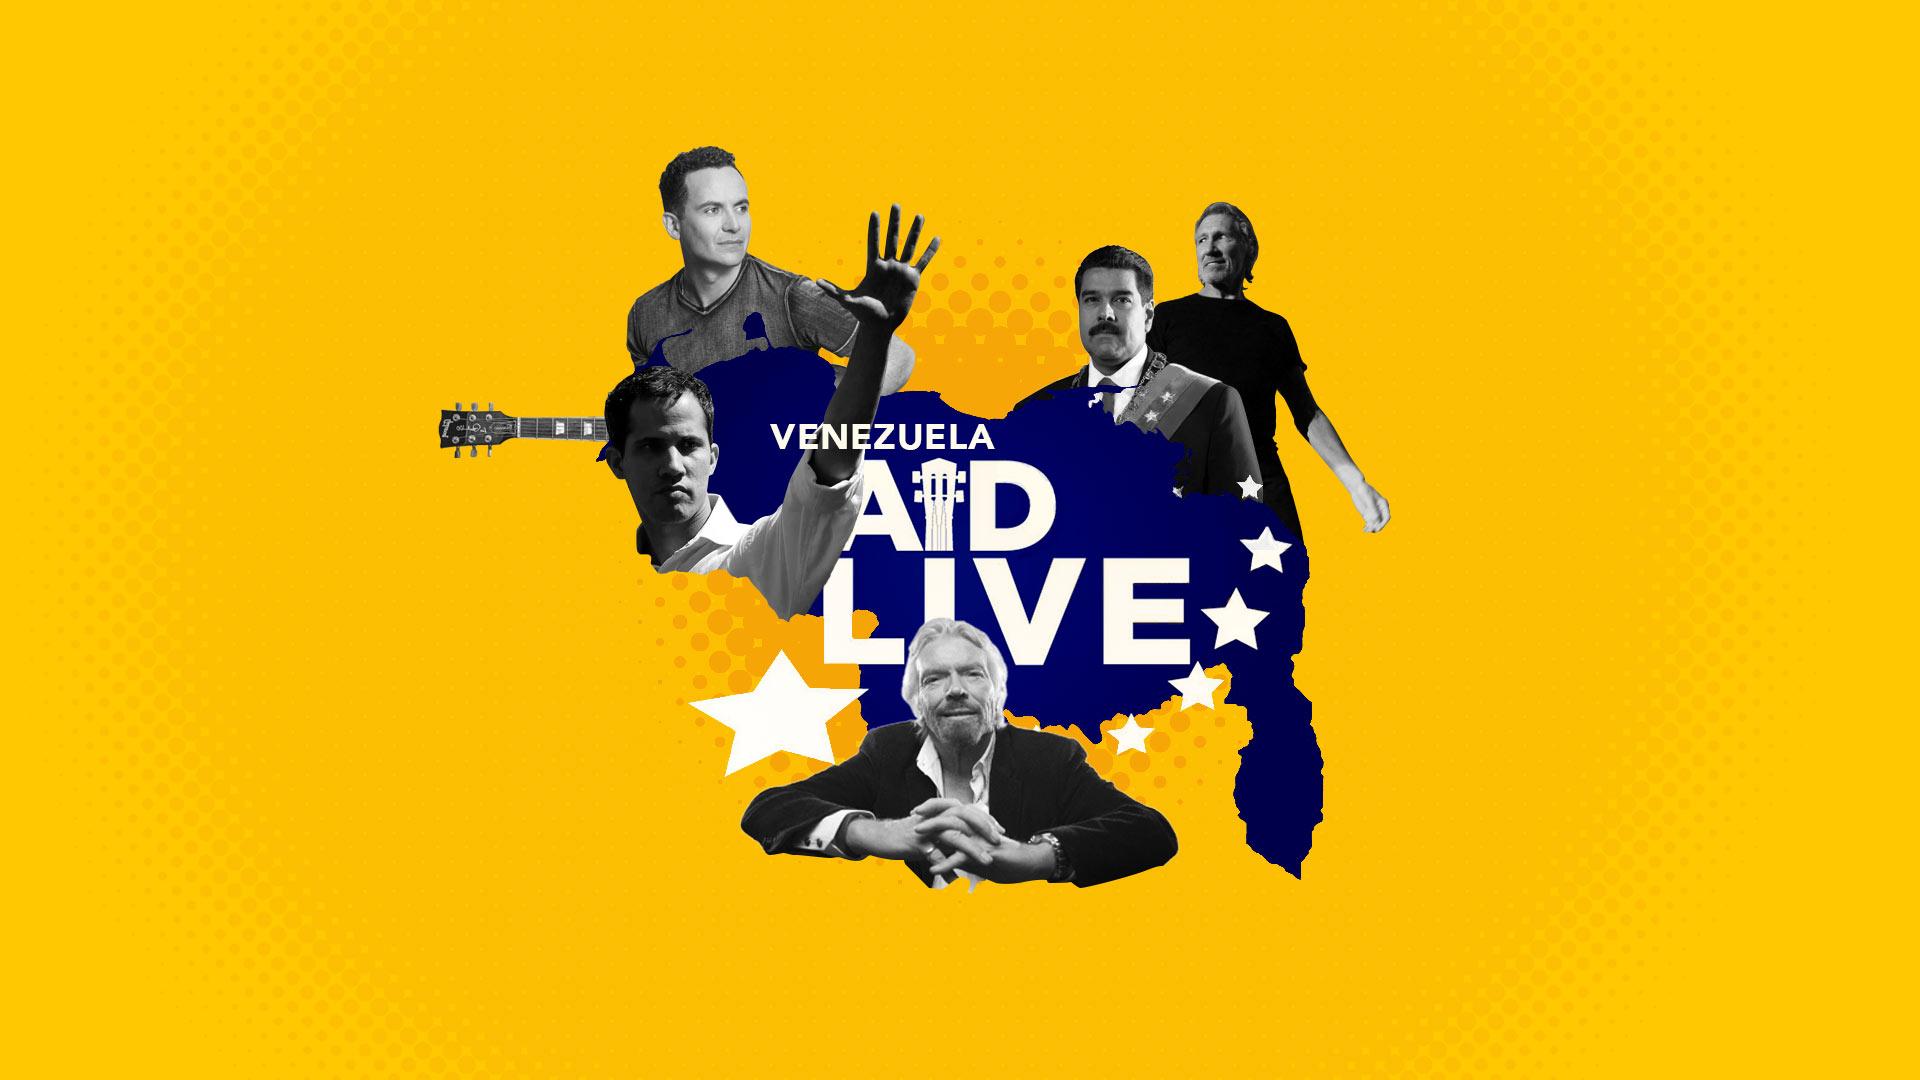 Venezuela Aid Live y Hands off Venezuela: la política vuelve a la música